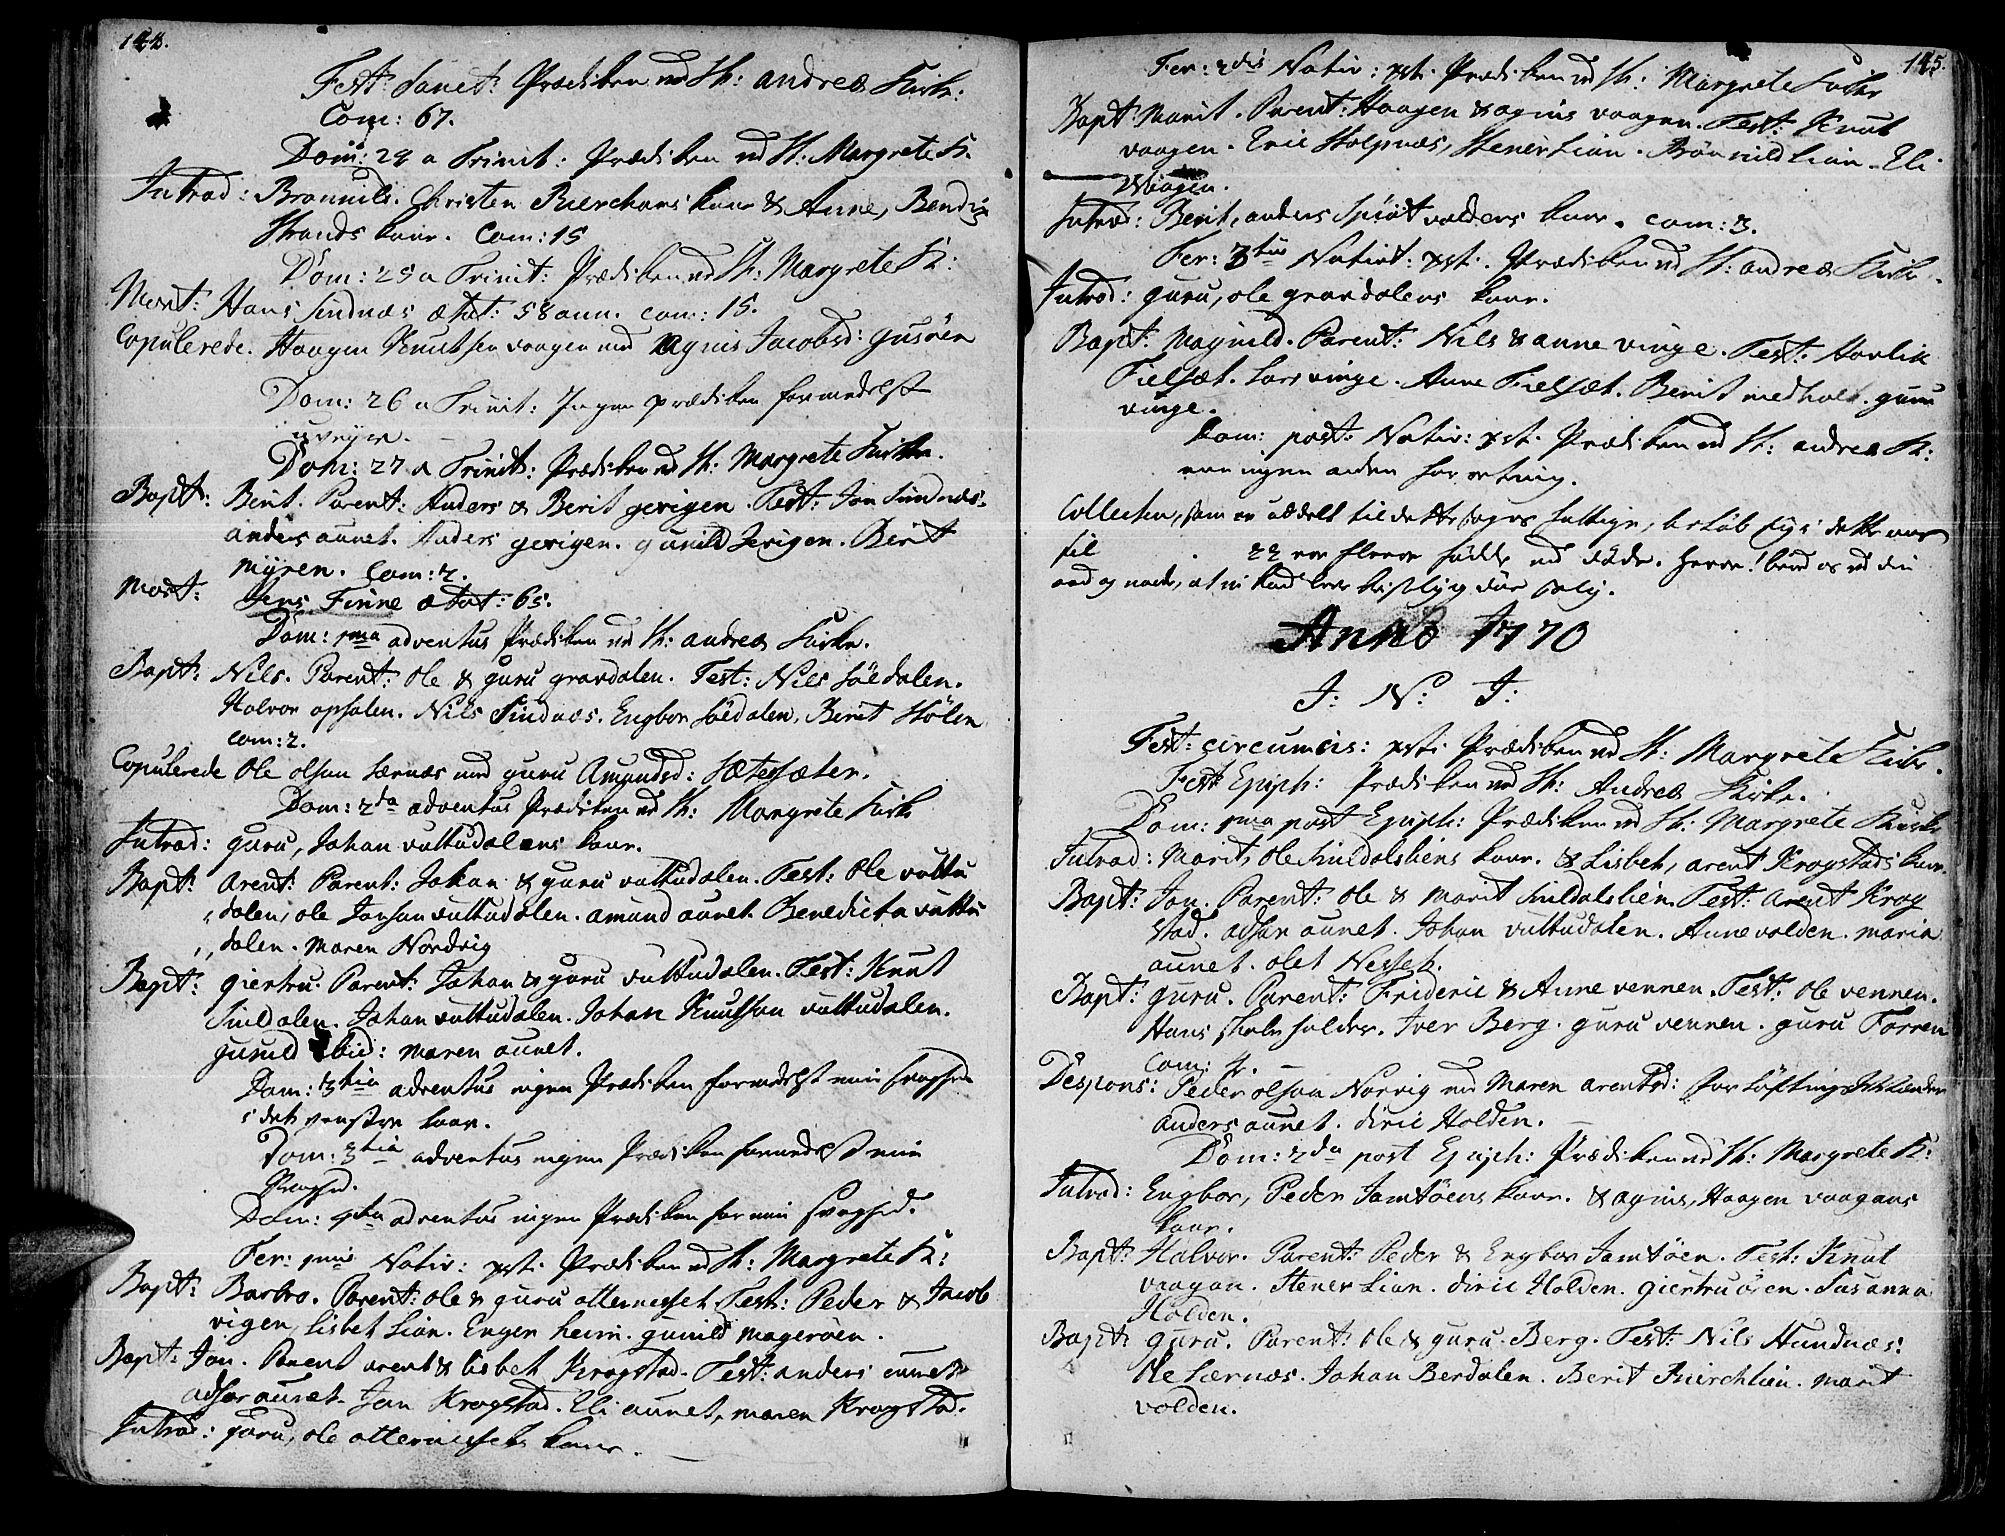 SAT, Ministerialprotokoller, klokkerbøker og fødselsregistre - Sør-Trøndelag, 630/L0489: Ministerialbok nr. 630A02, 1757-1794, s. 144-145